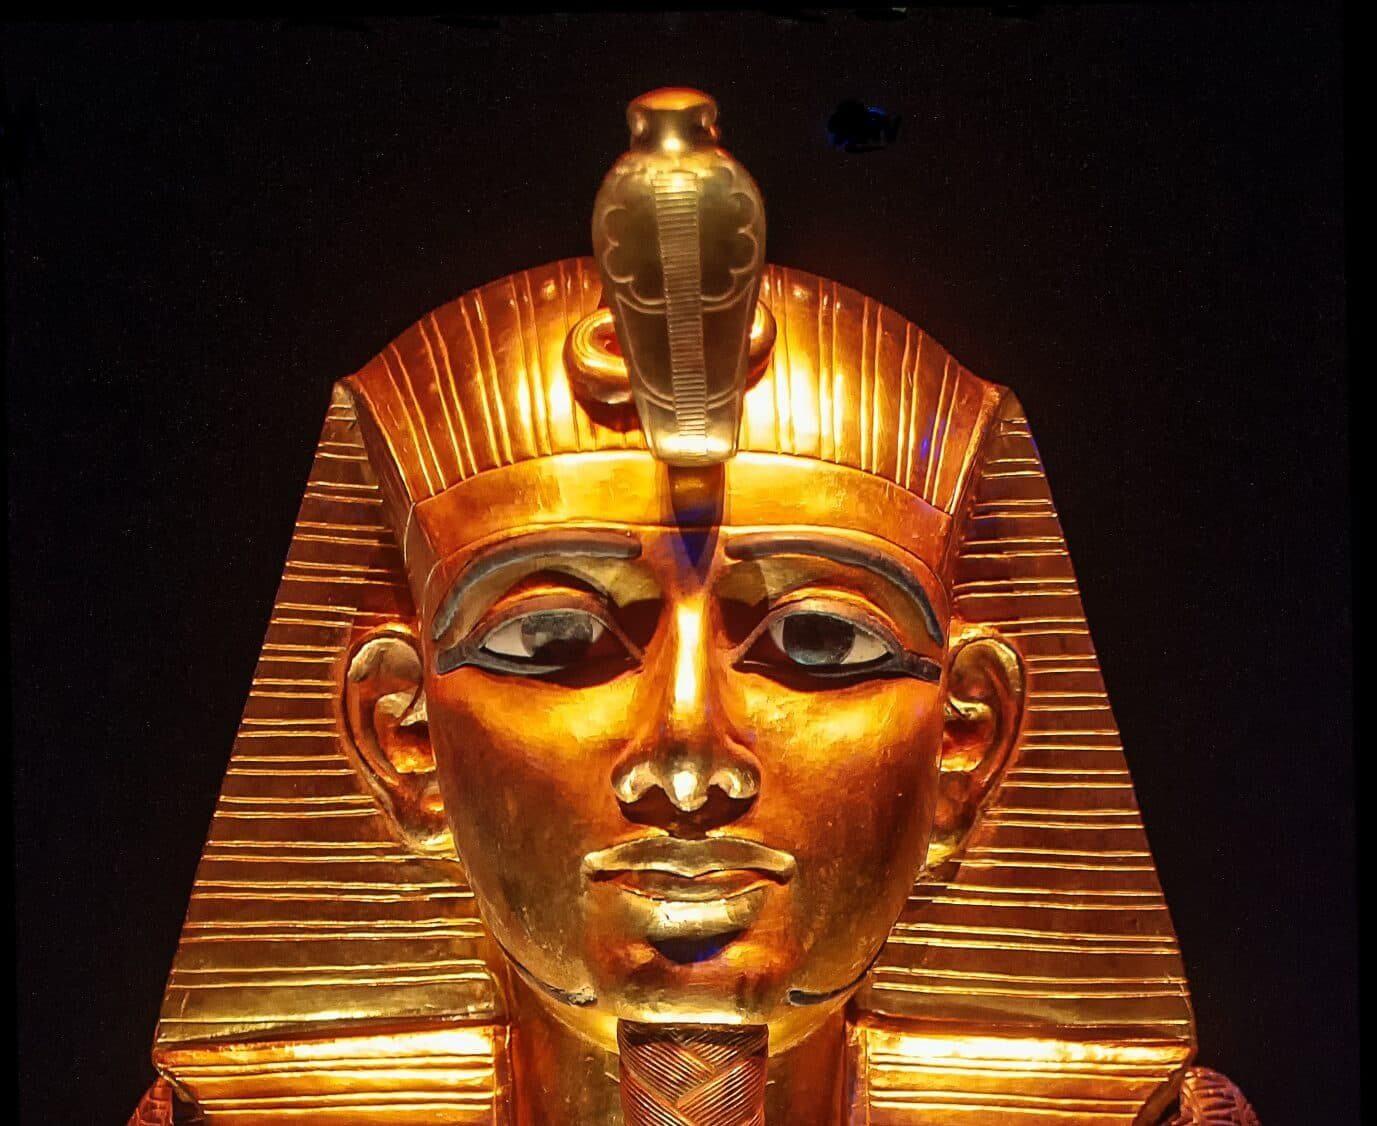 gold pharoh